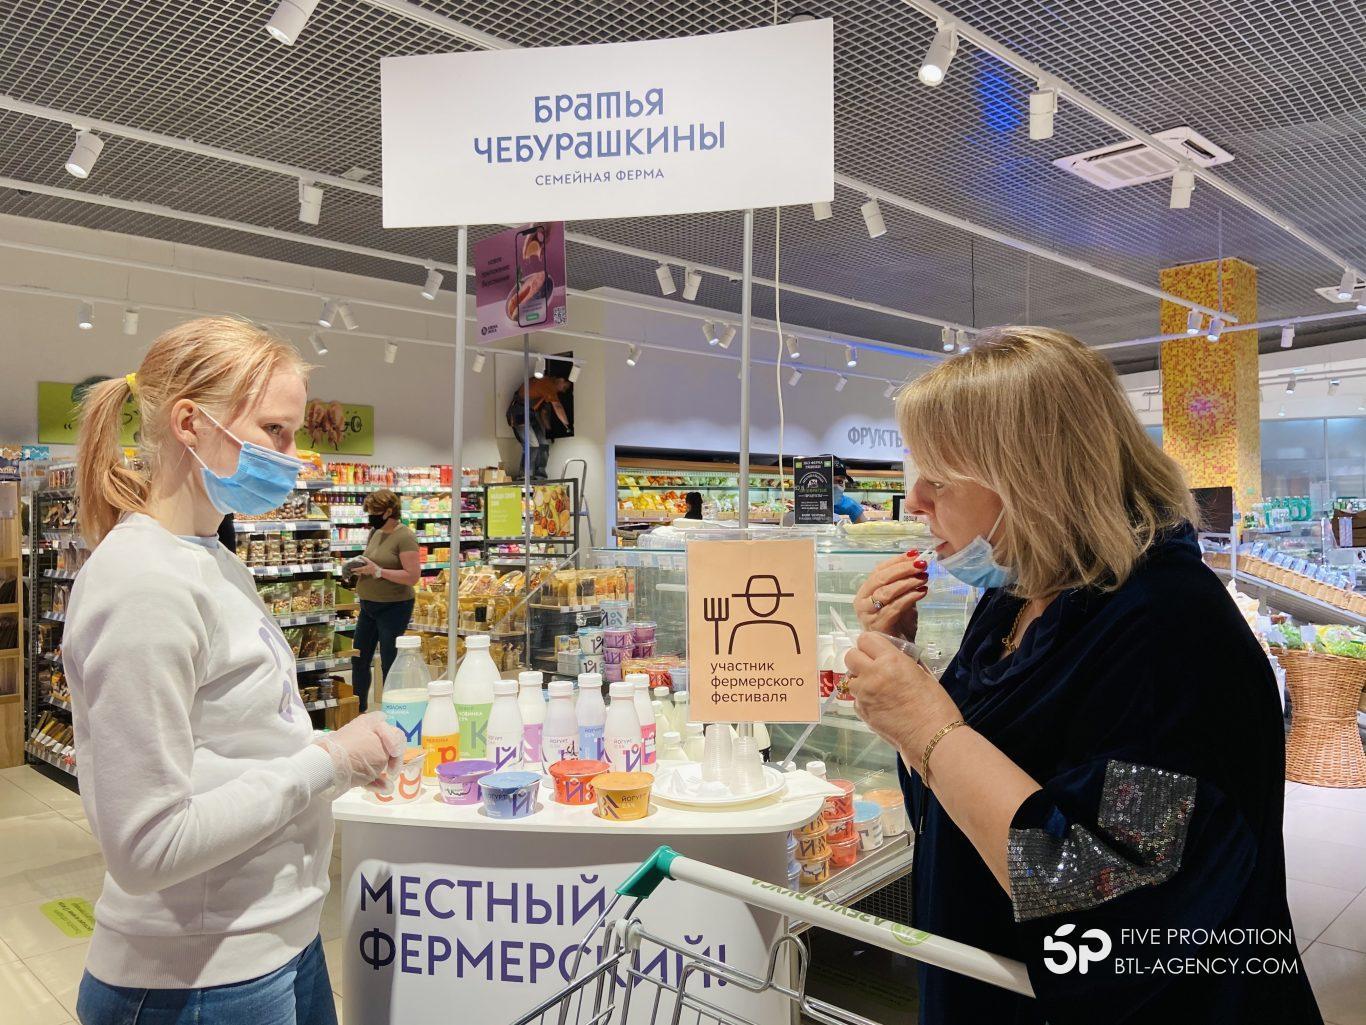 , Дегустация от бренда Братья Чебурашкины (А Молоко) в Азбуке Вкуса